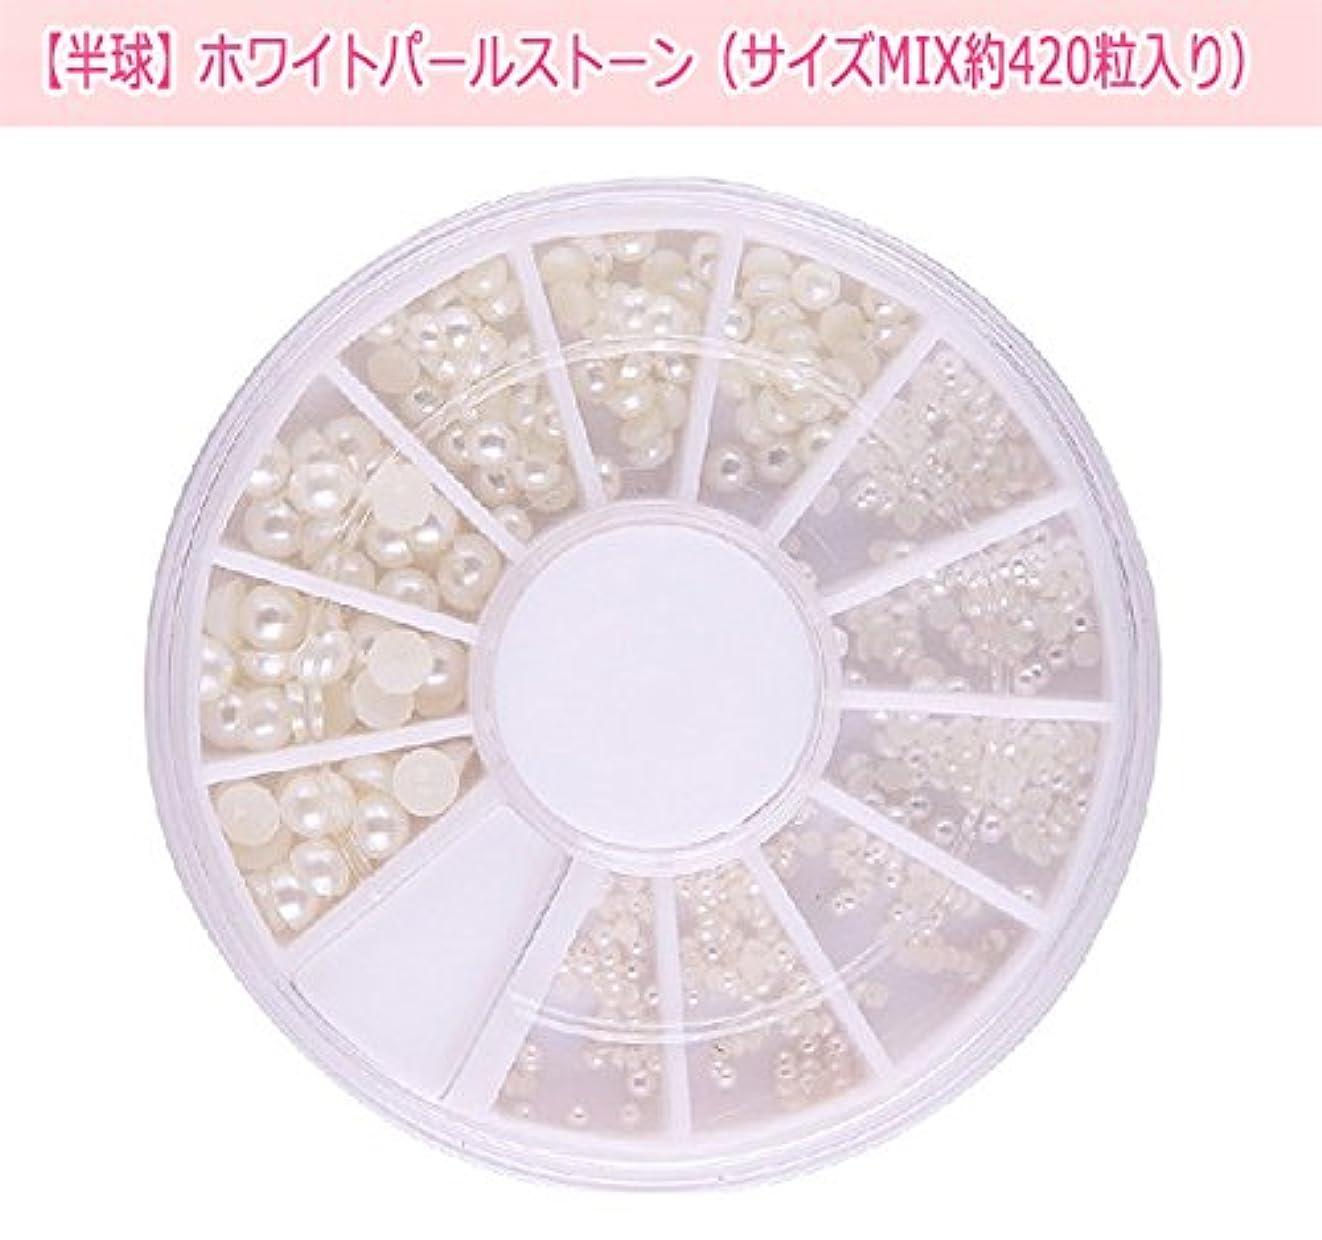 外出余分な感謝【半球】ホワイトパールストーン(サイズMIX約420粒入り)